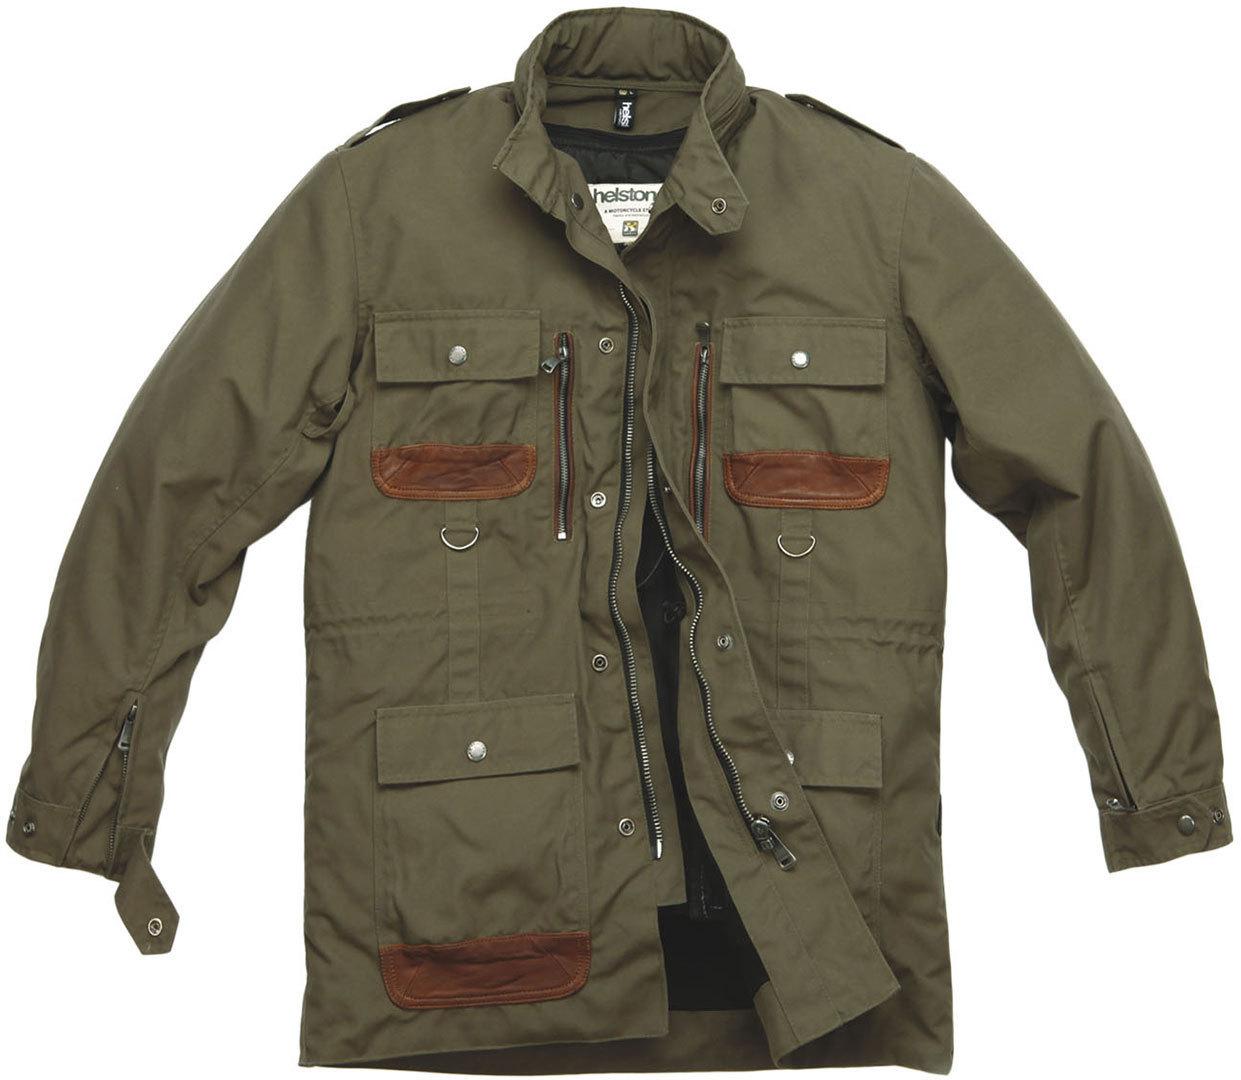 Helstons-Gordon-Textile-Jacket-2016_0030_gordon